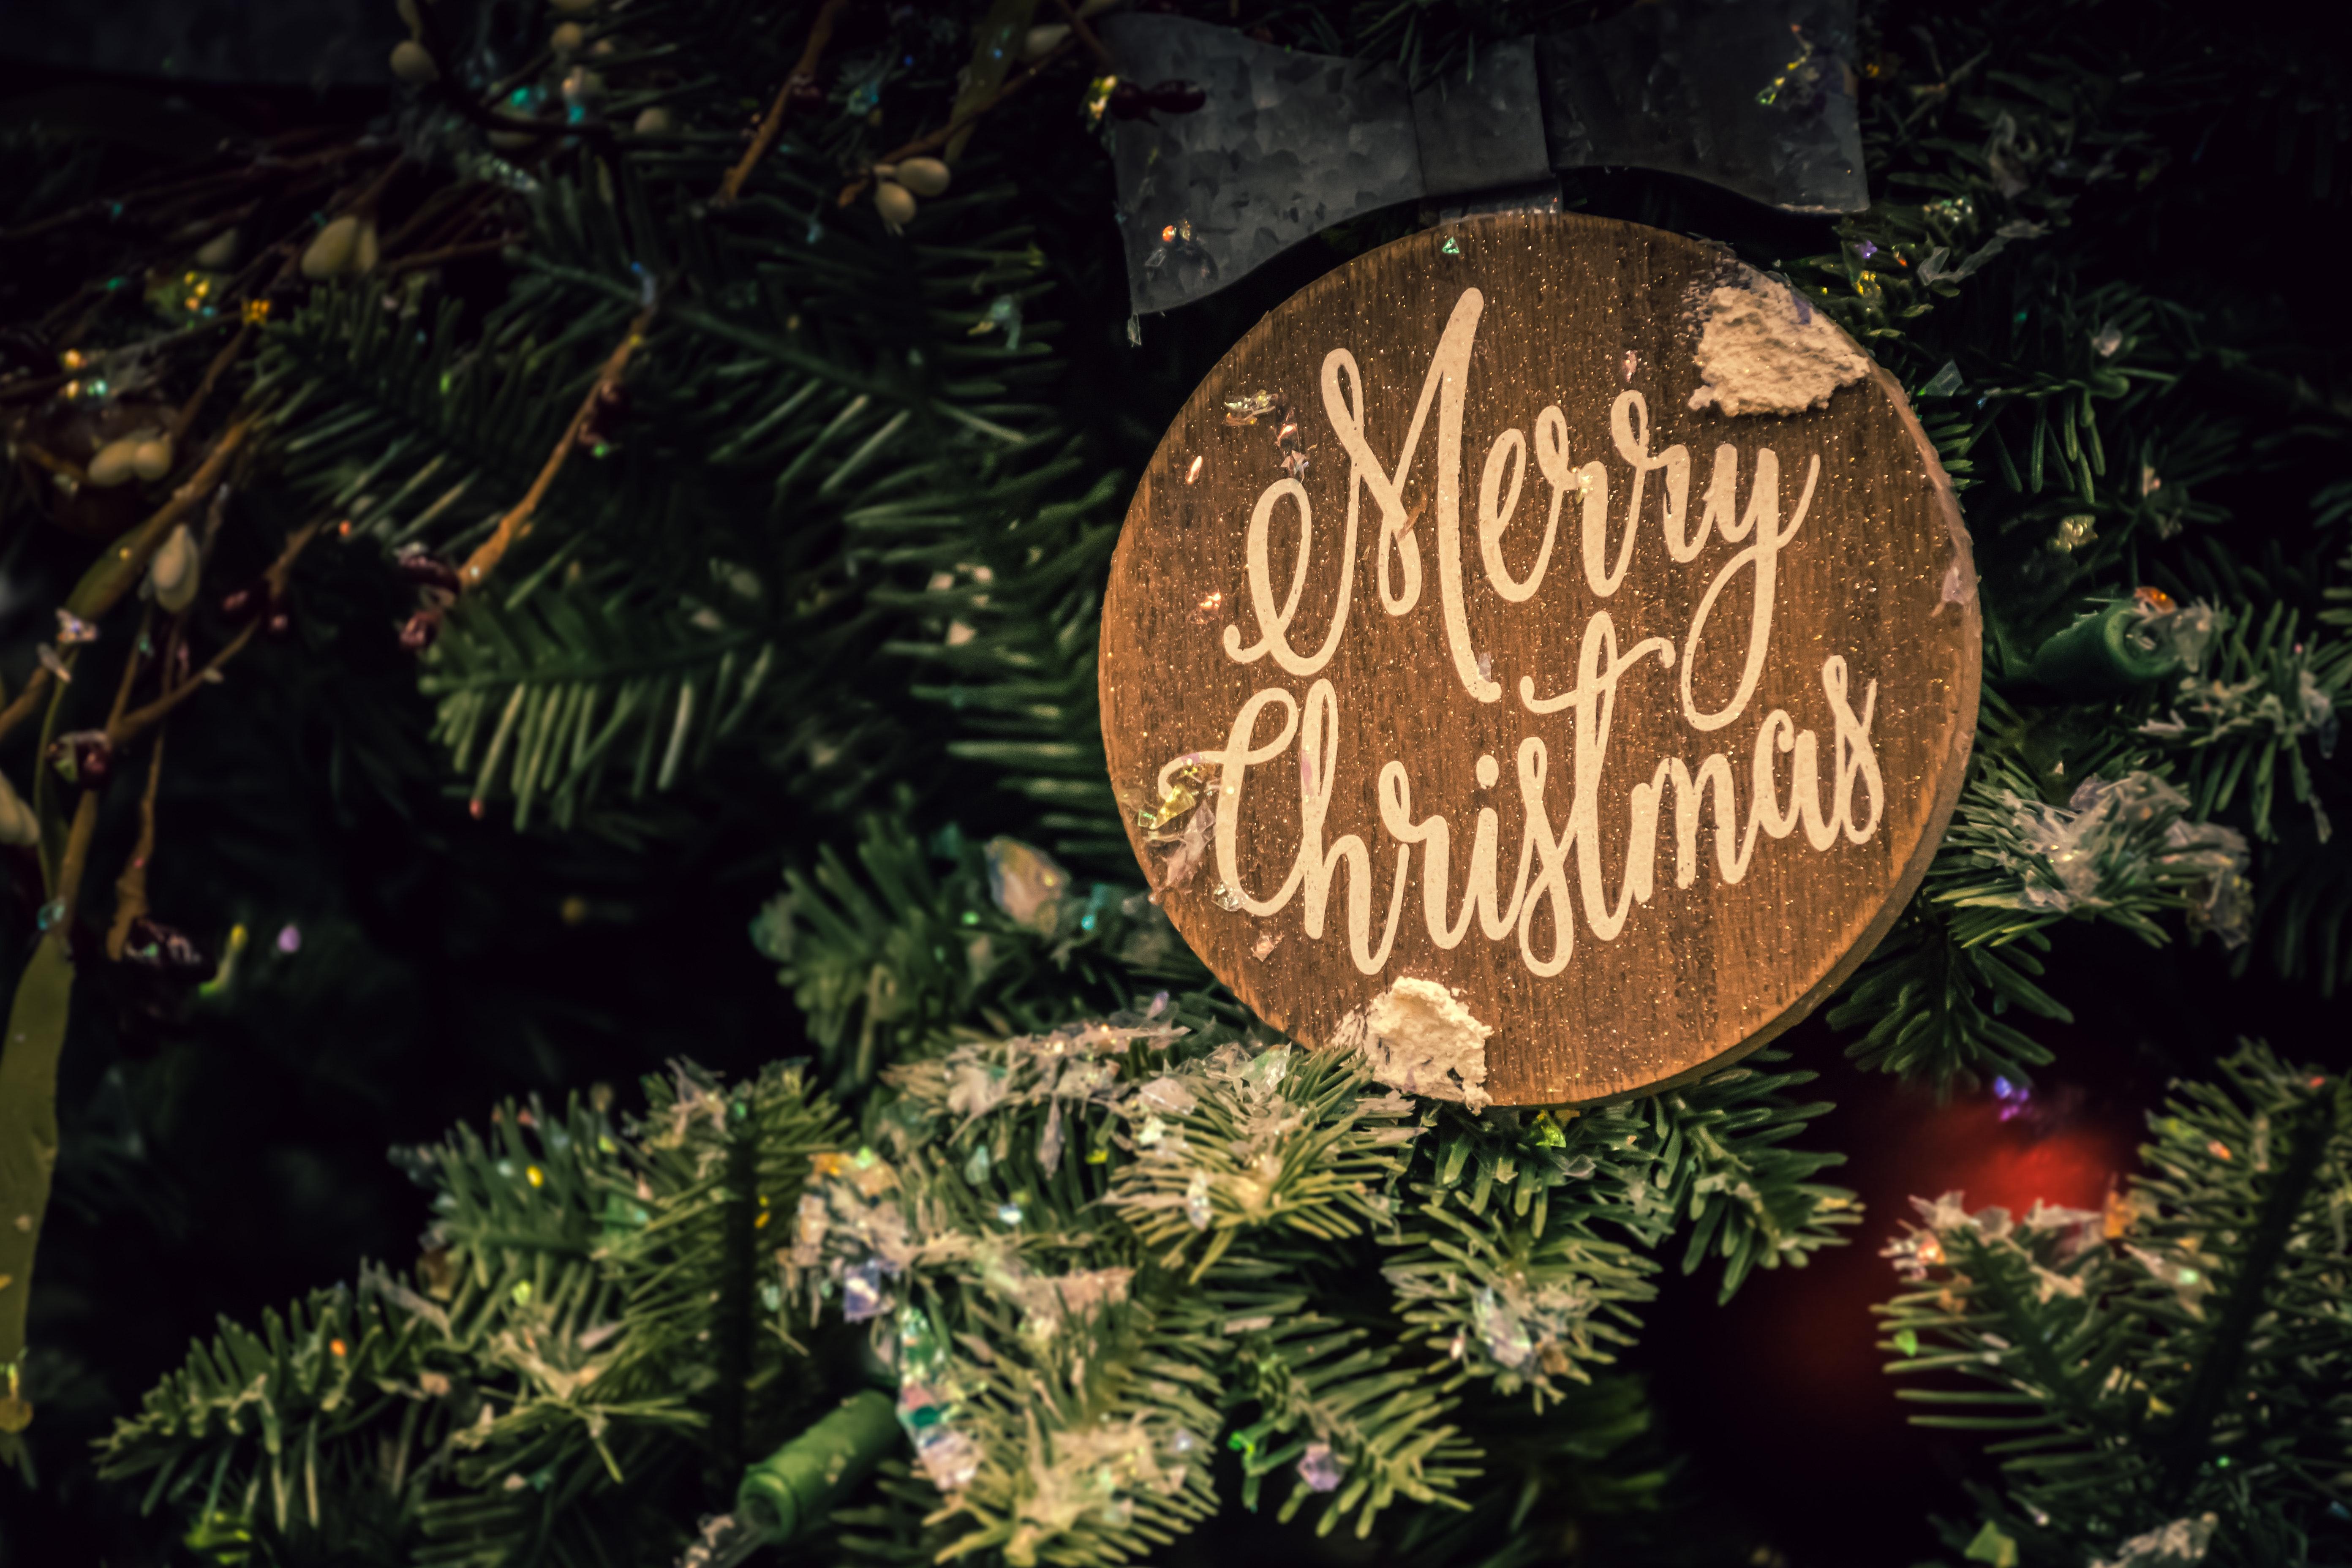 Fotos Gratis Rama Celebracion Decoración De Navidad